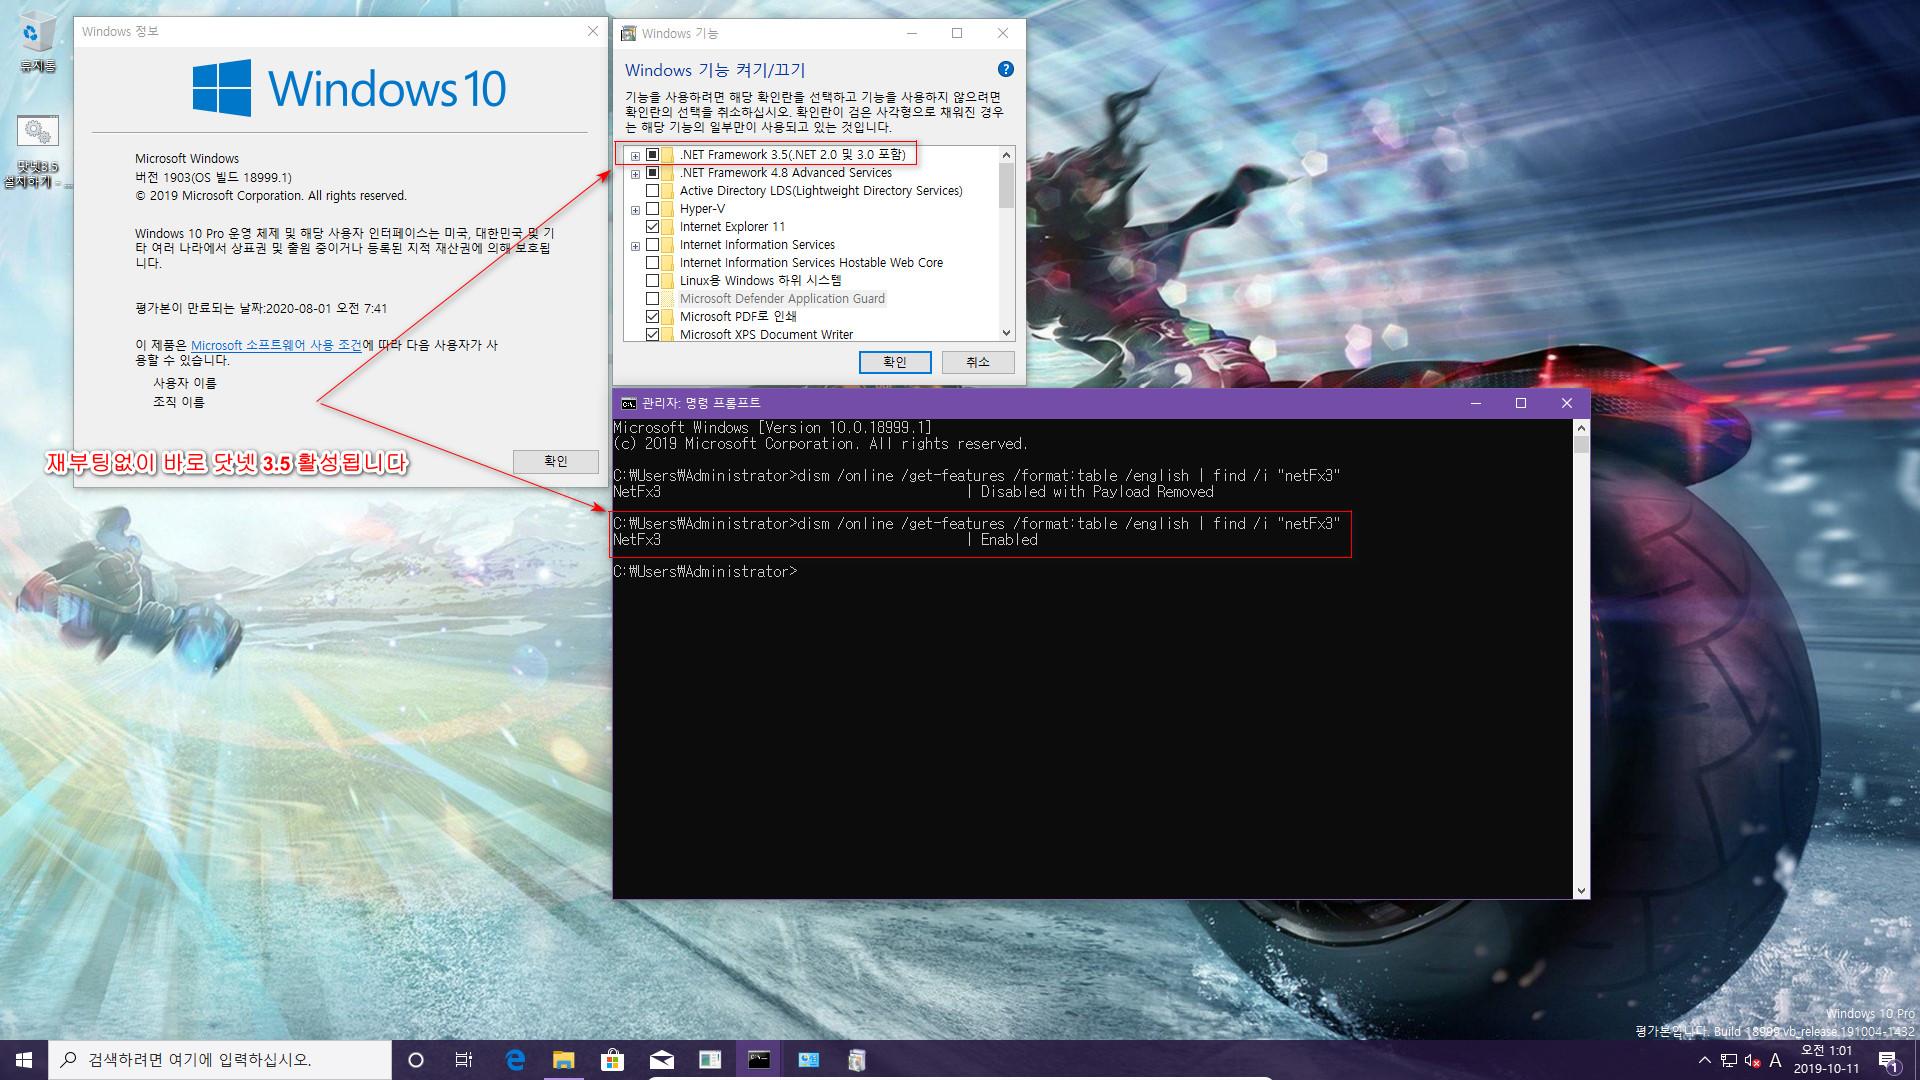 닷넷3.5 설치하기 - sxs 폴더 찾는 방식.bat 테스트 - 인사이더 프리뷰 윈도우도 바로 닷넷 3.5가 활성됩니다 2019-10-11_010249.jpg